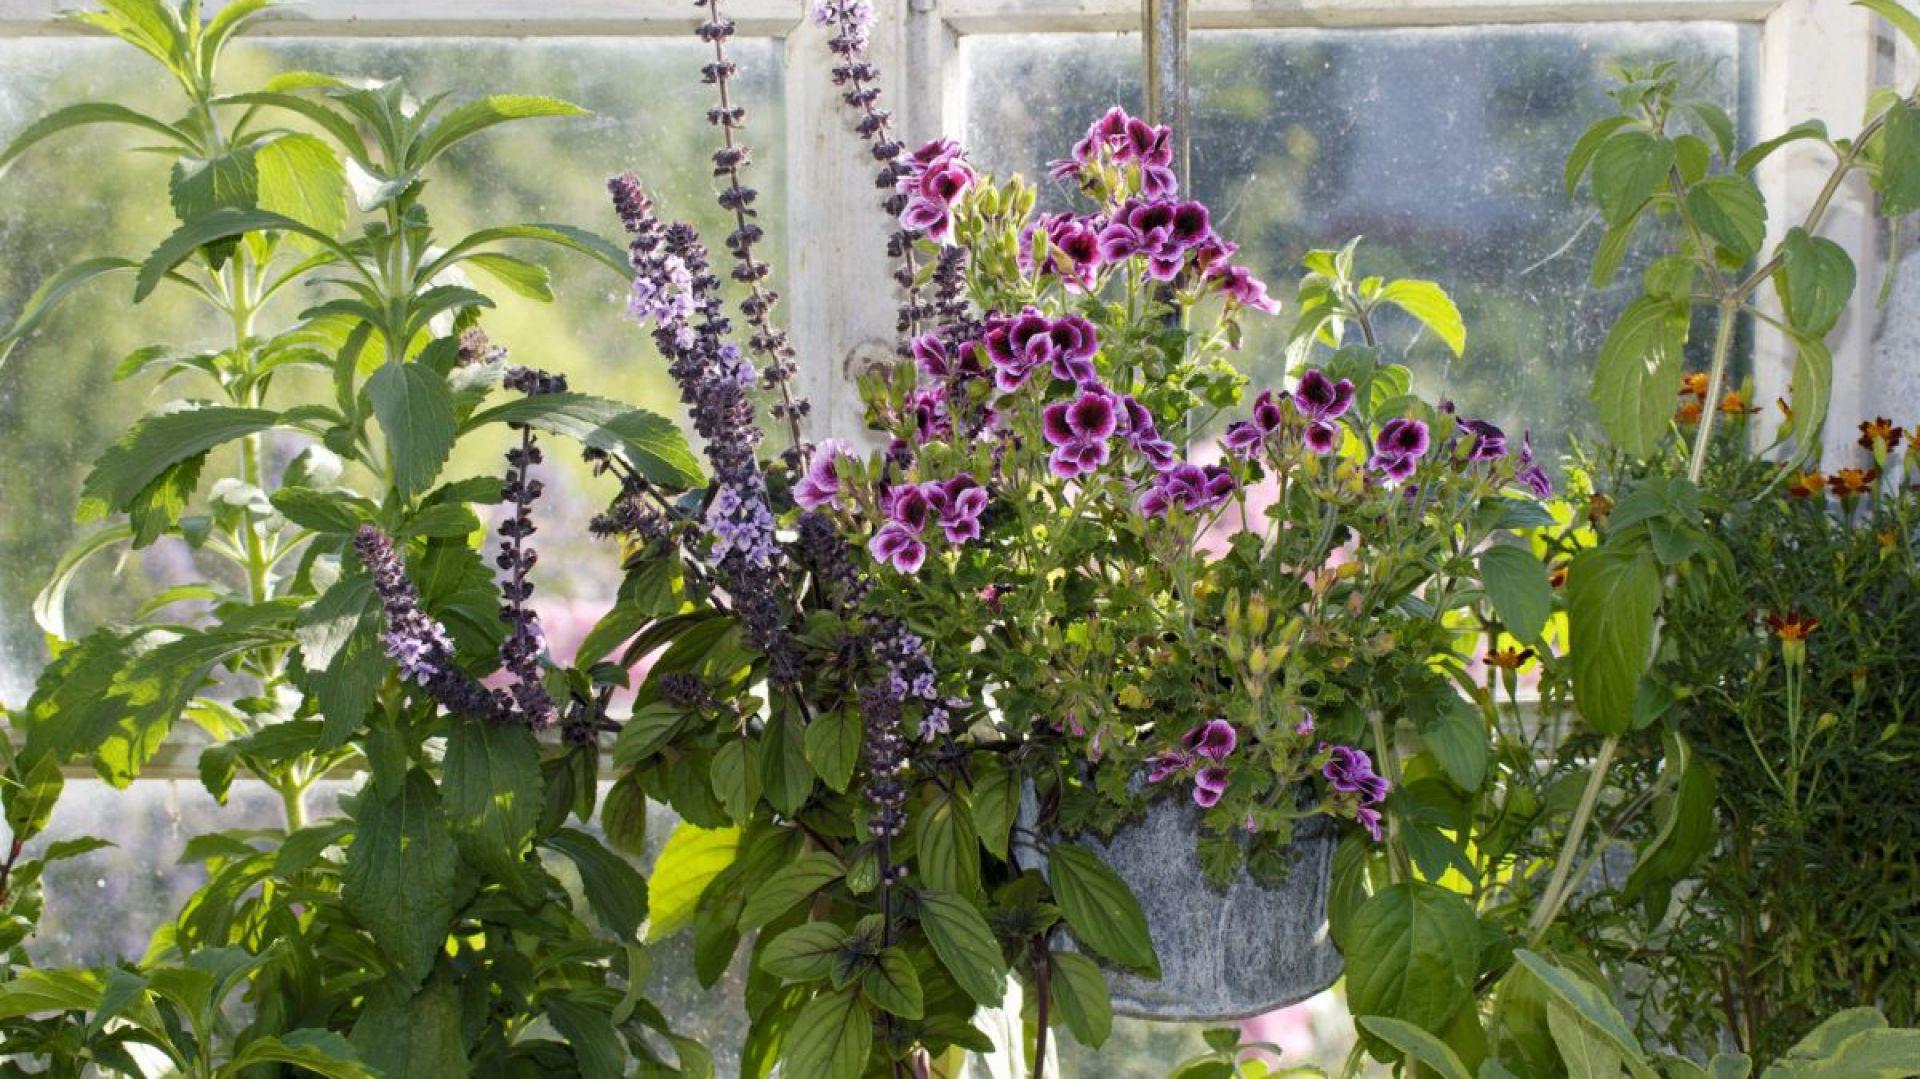 Wiosenny ogród na balkonie - renowacja mebli. Fot. Vidaron